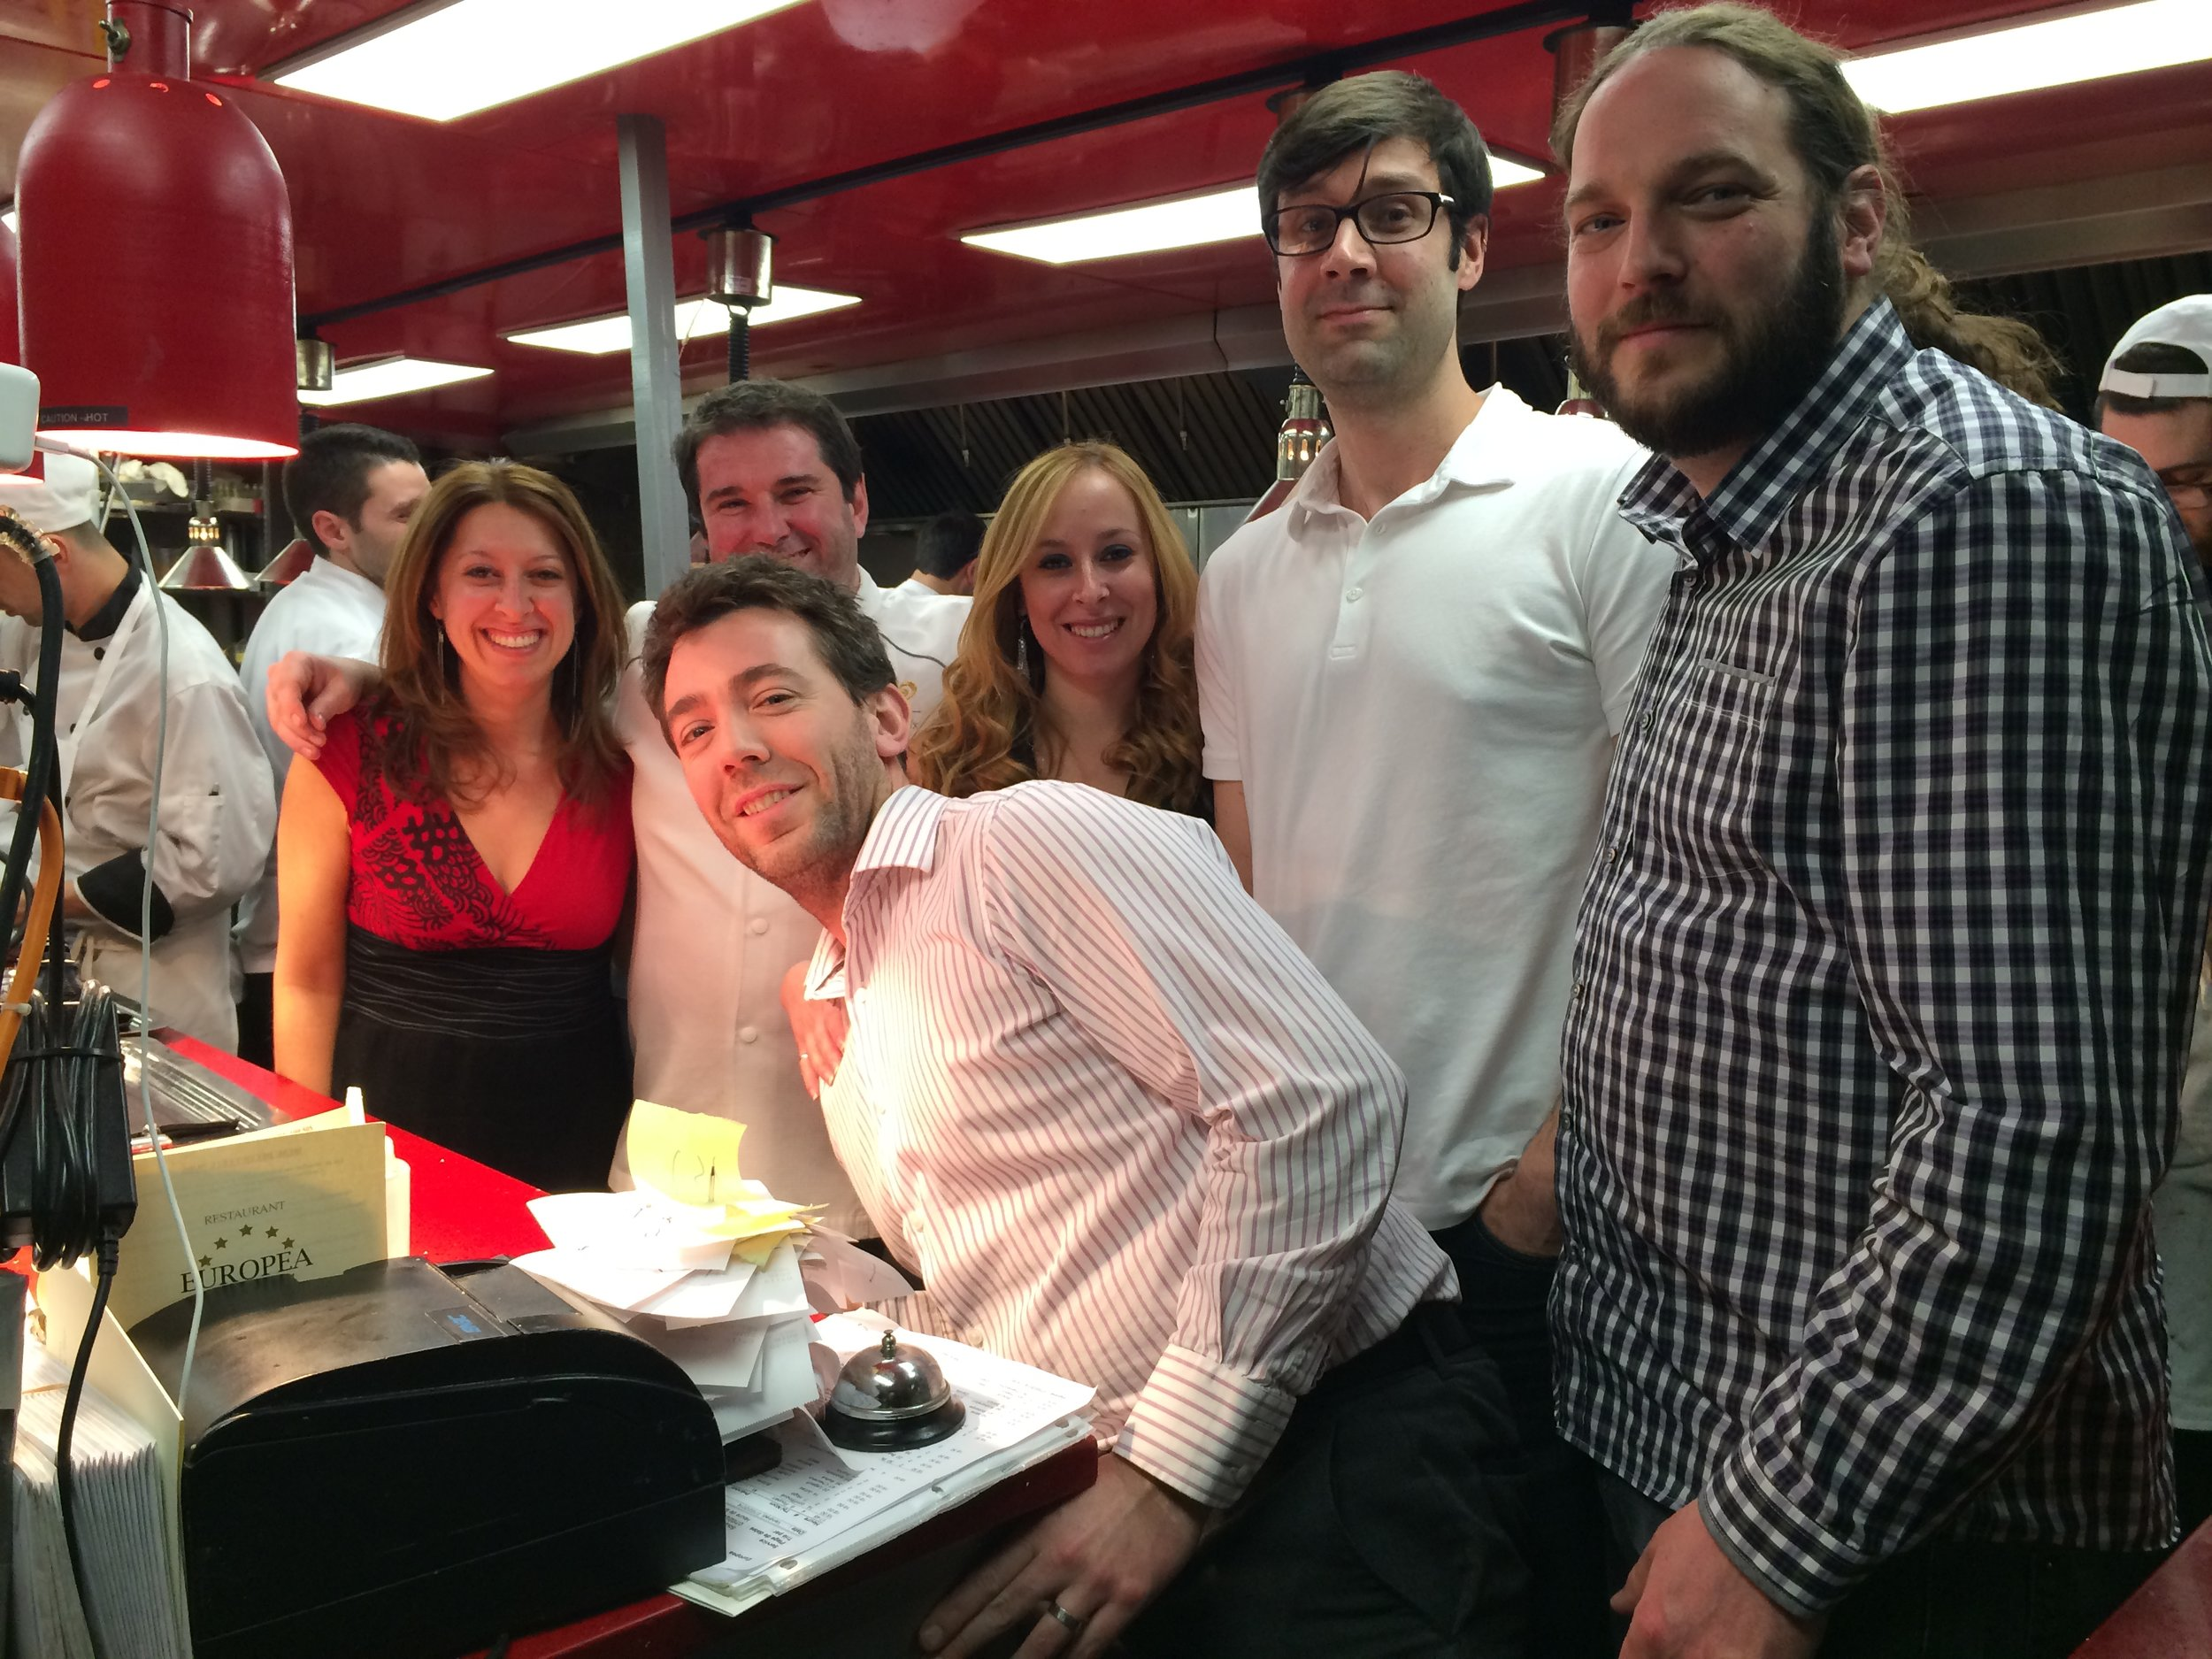 Crédit photo : Isabelle George qui a visité les « coulisses » du restaurant Europea